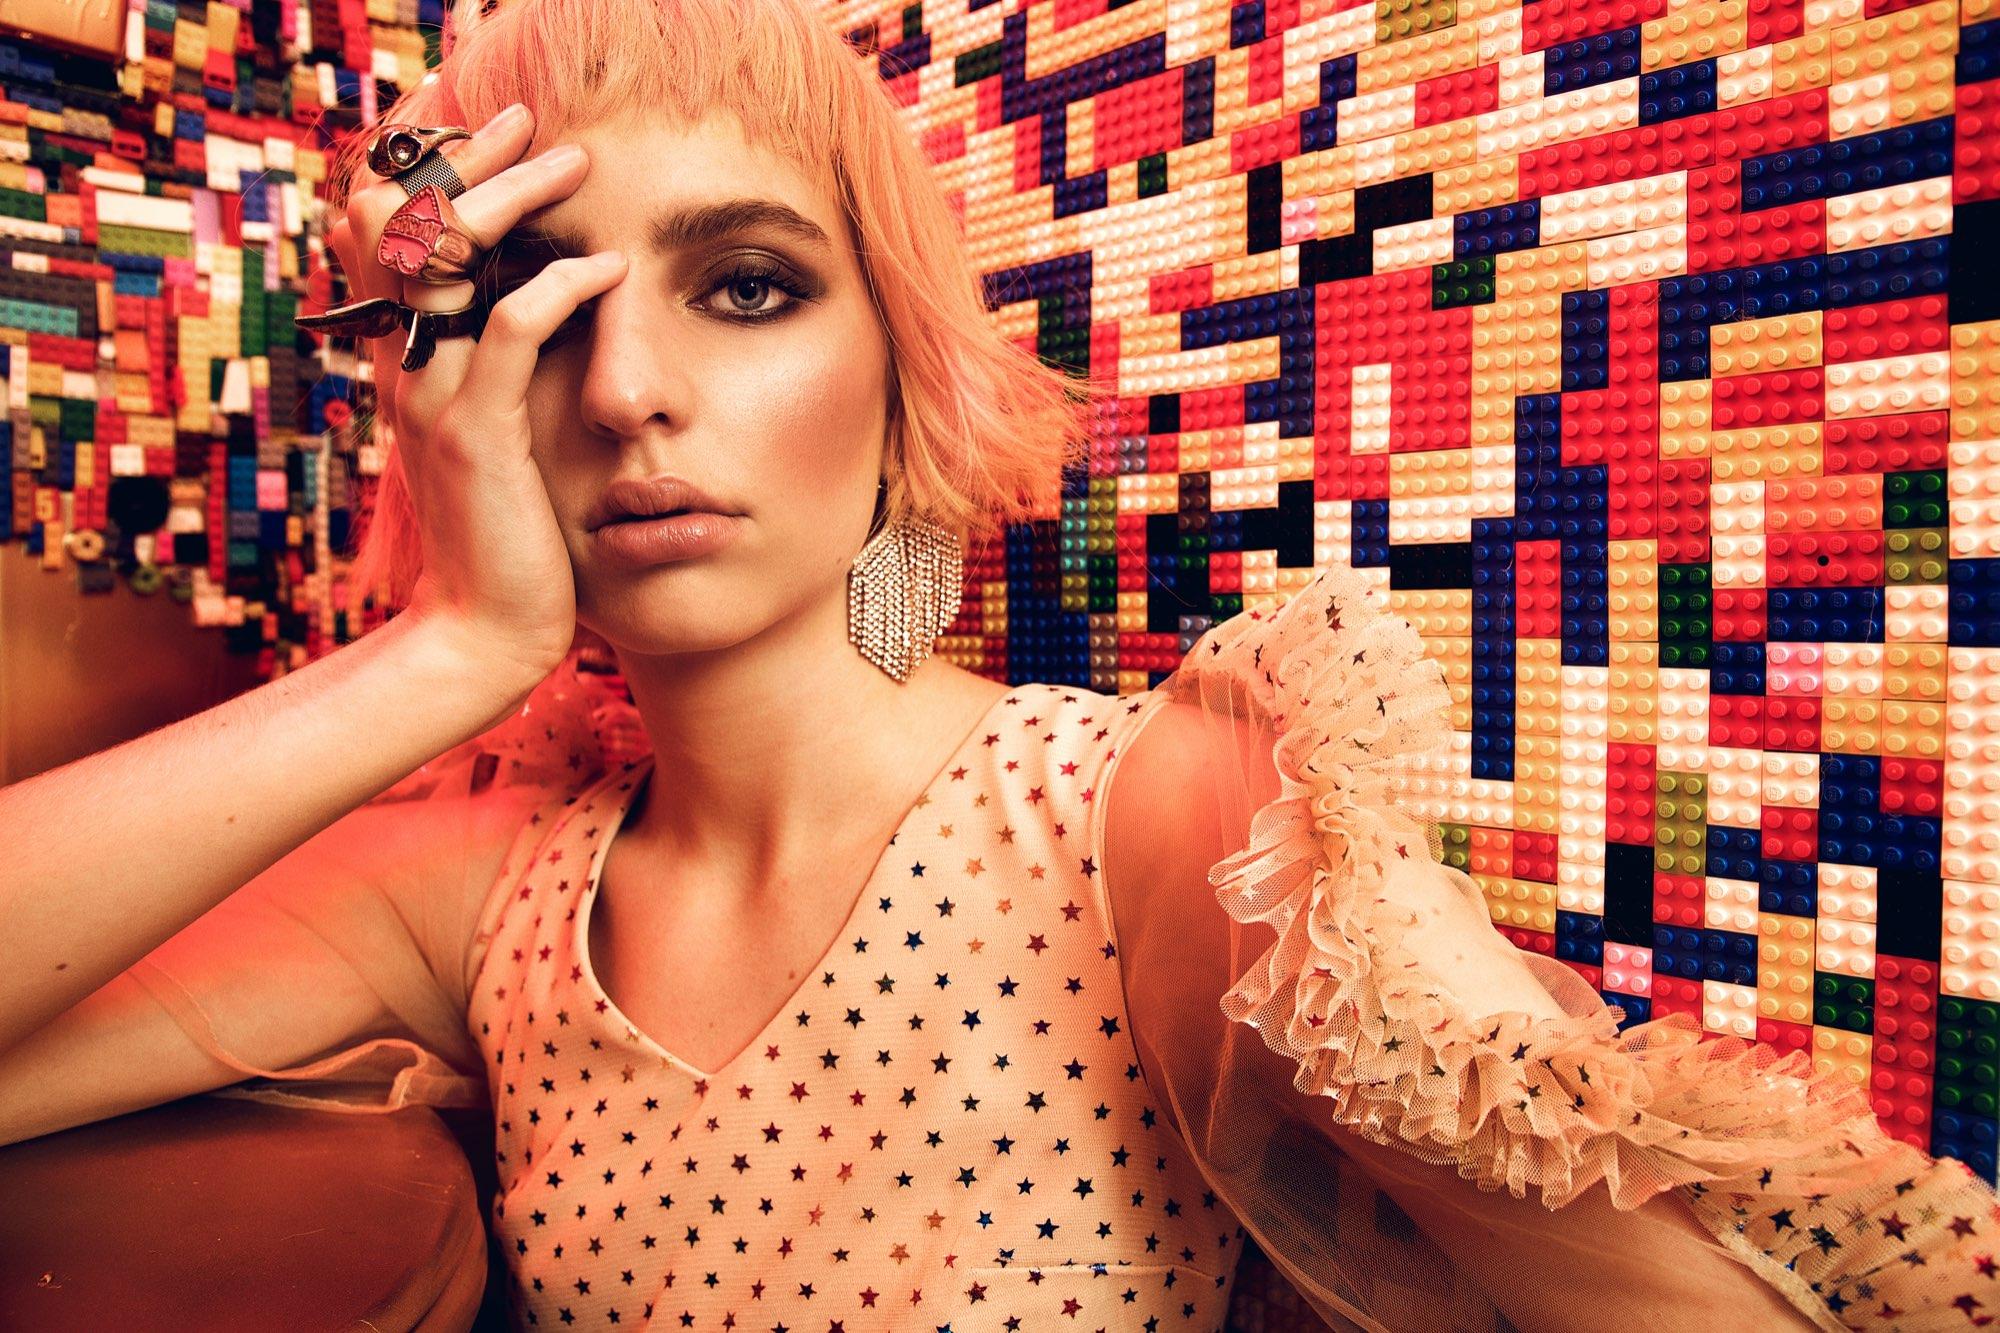 Bild zum Make up & Fashion Blog - lego-haus---neue-arbeit-von-laura---letizia--ID14530-1.jpeg?v=1579019268